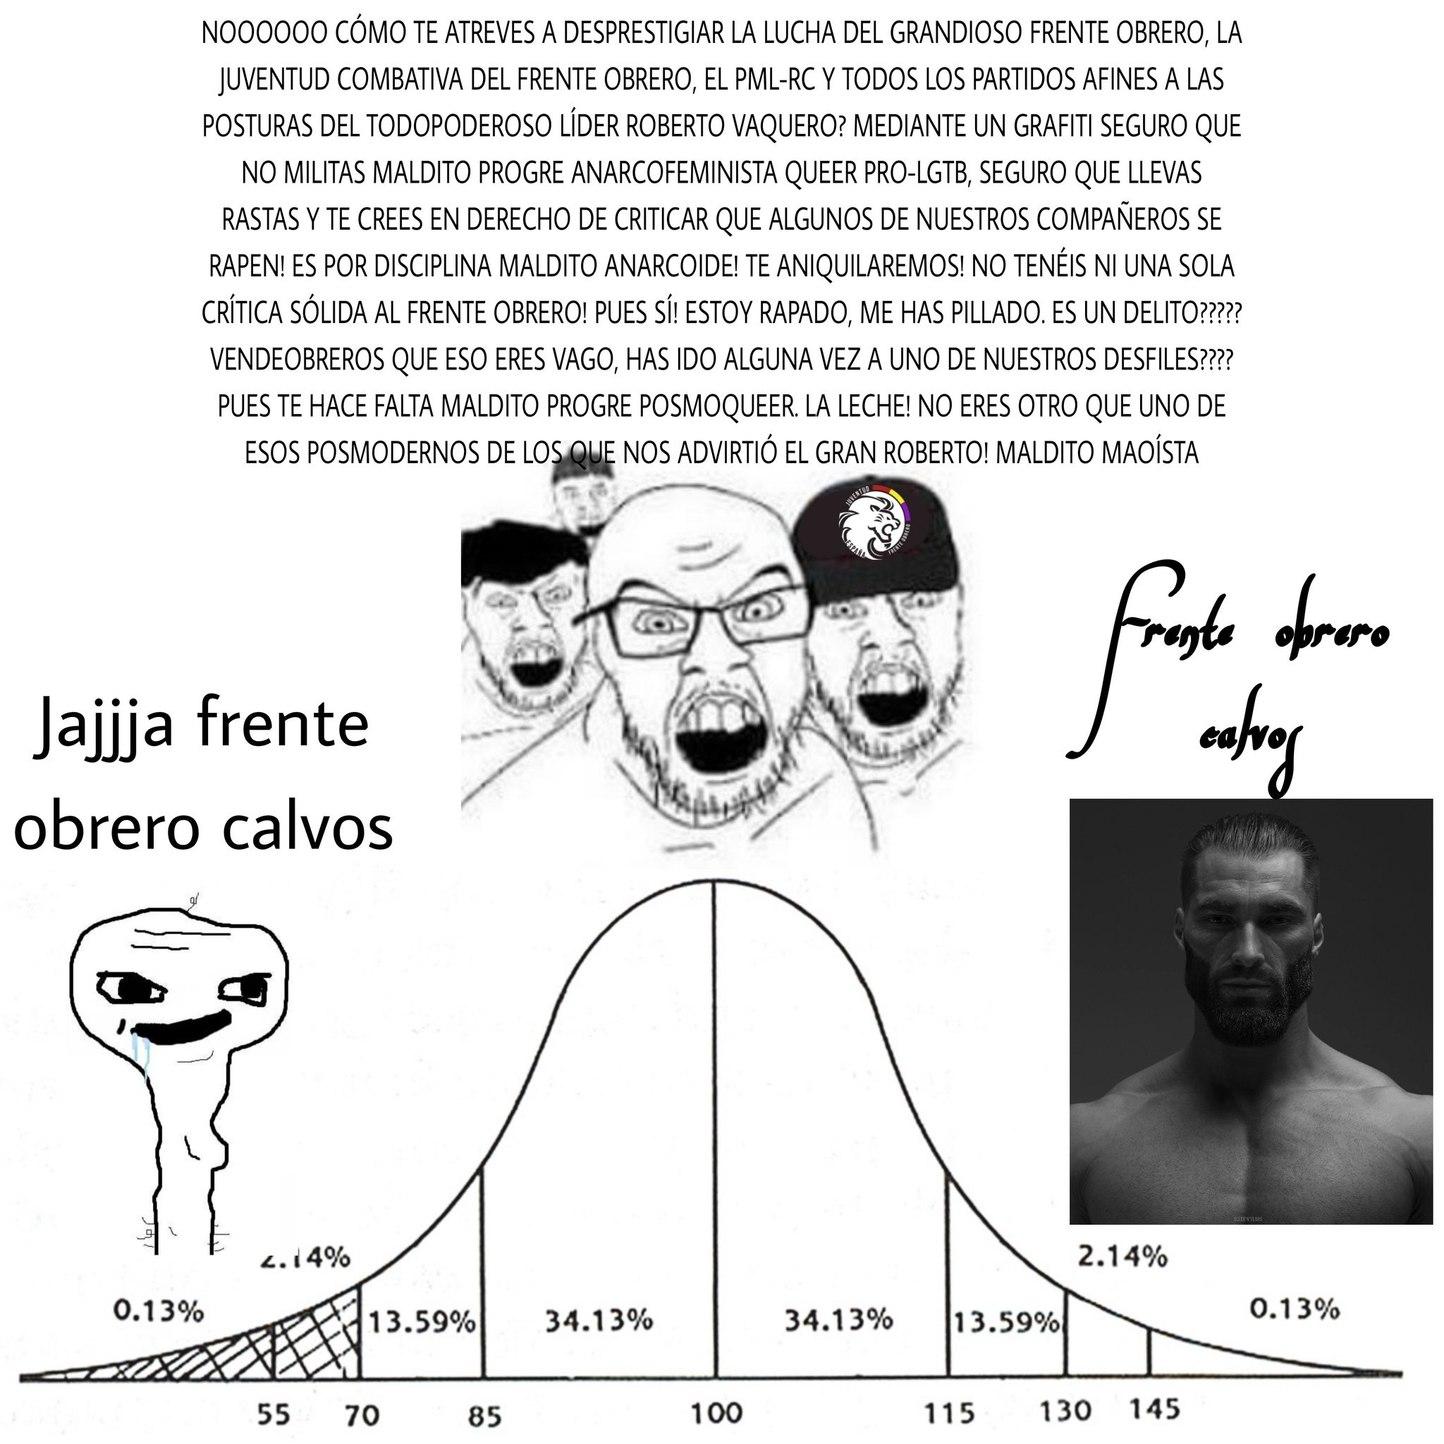 Frente obrero calvos - meme